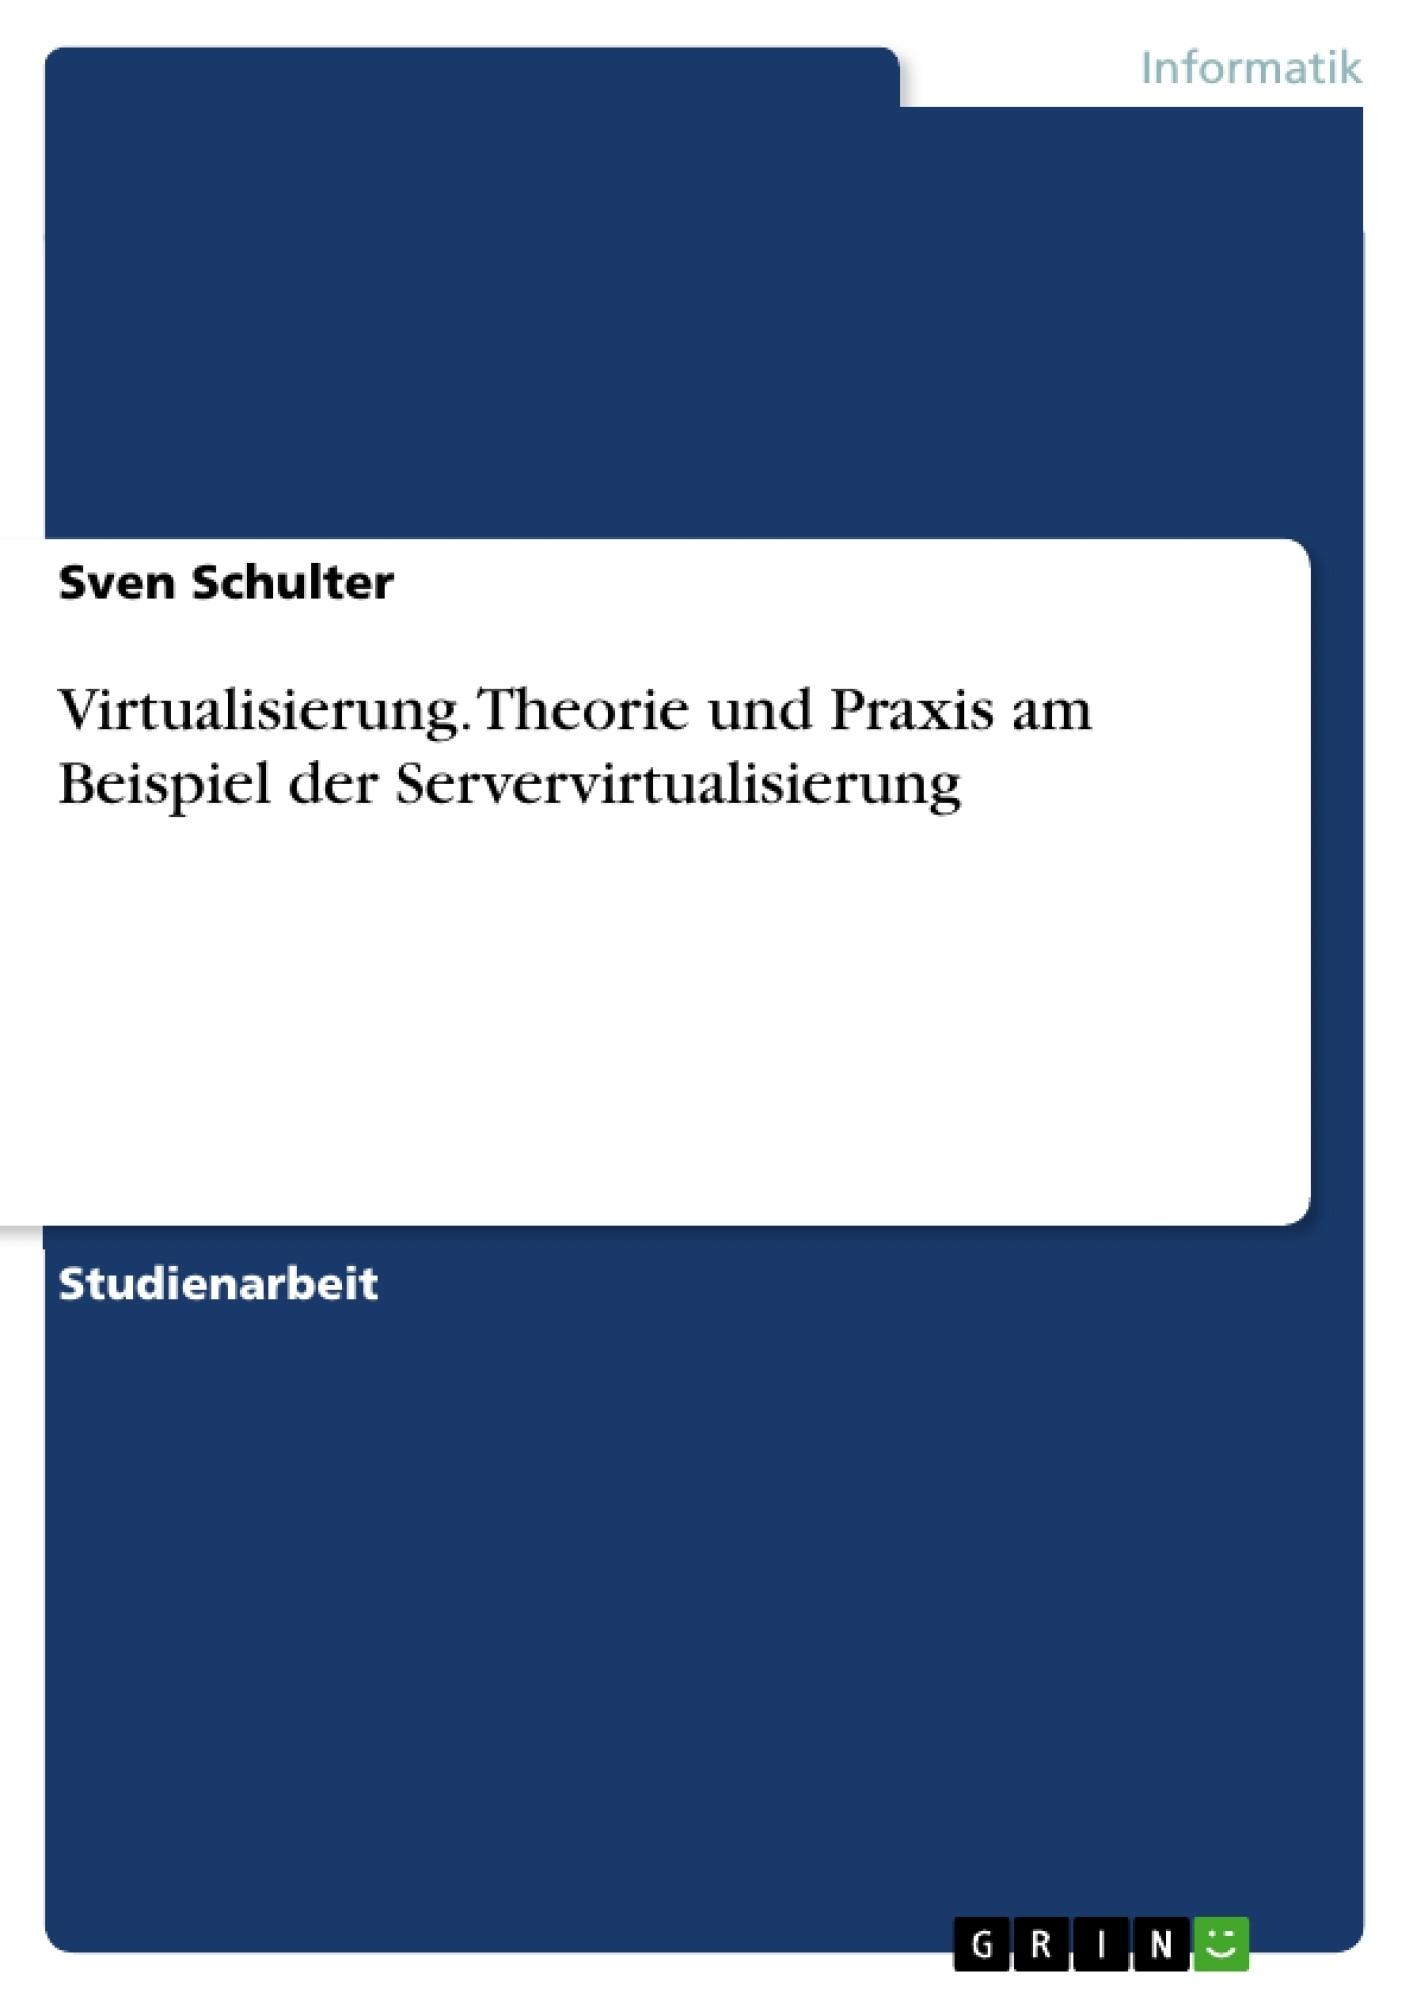 Titel: Virtualisierung. Theorie und Praxis am Beispiel der Servervirtualisierung